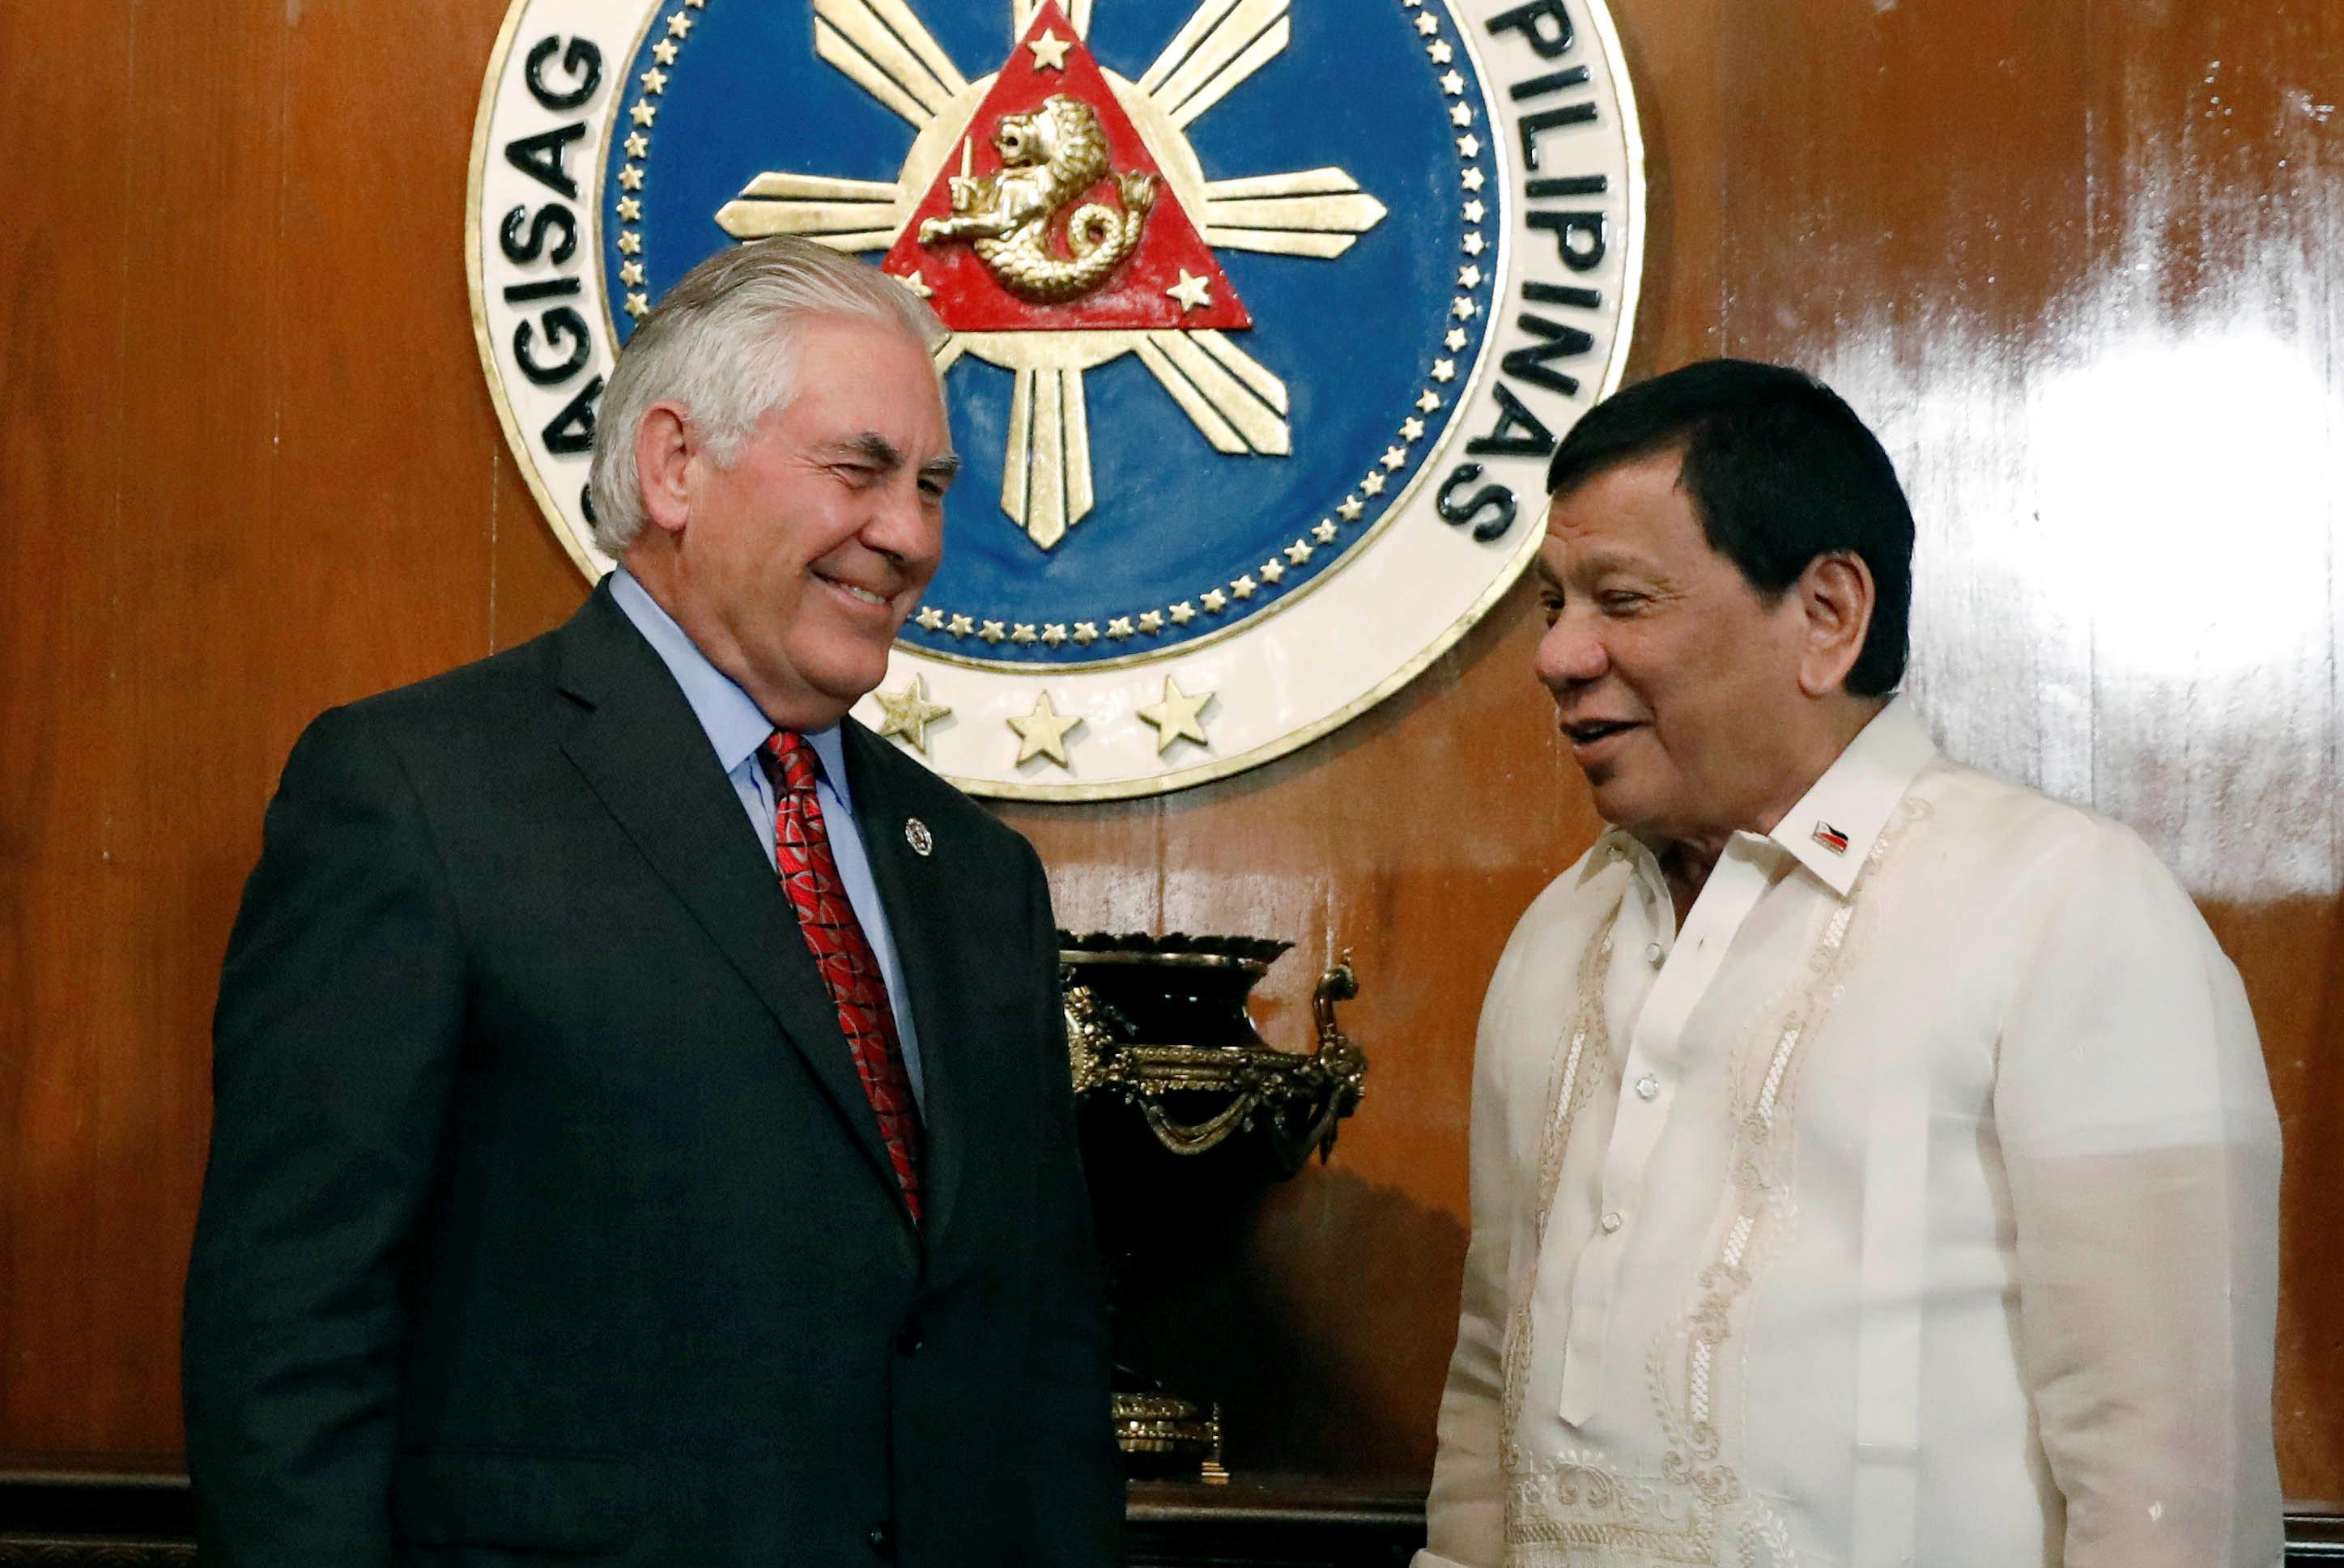 Duterte: İnsan hakları mı? Canı cehenneme!